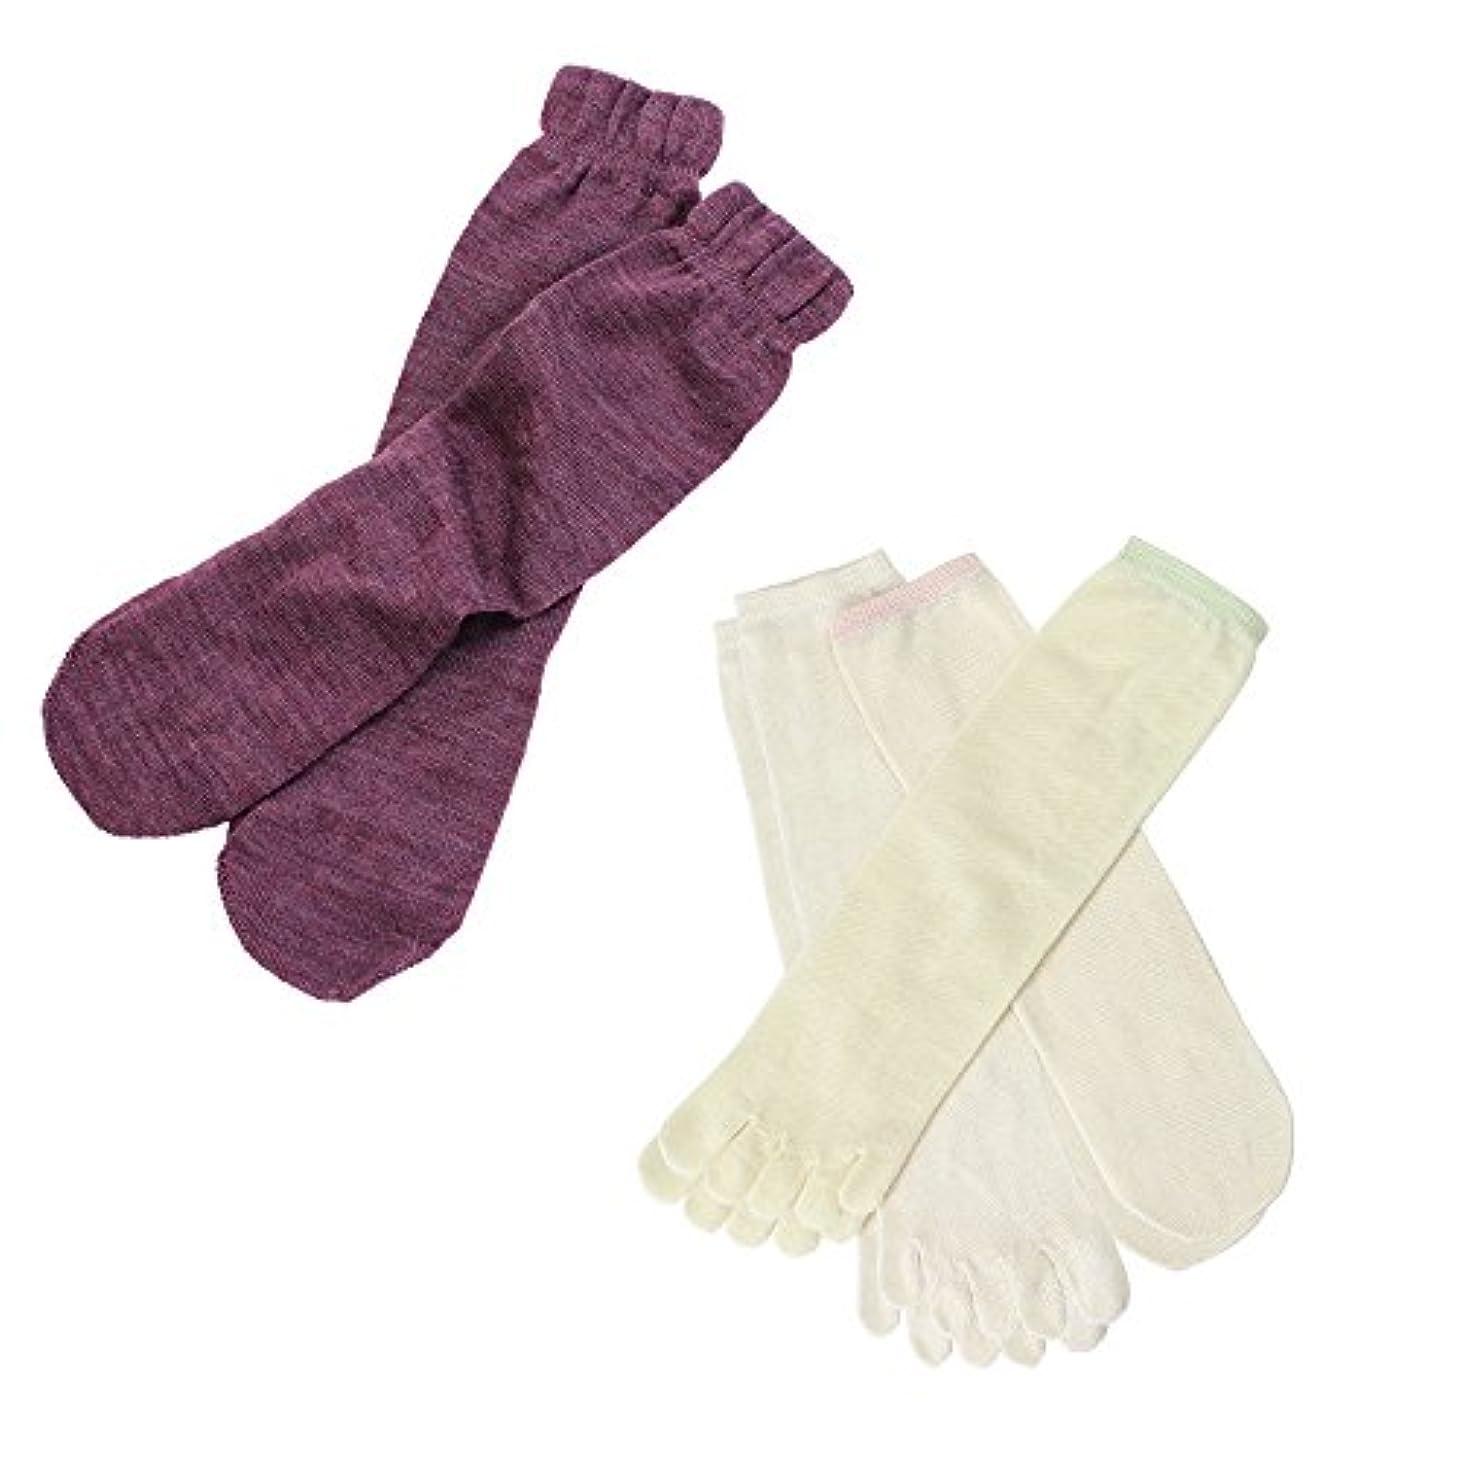 懐疑論アルコール失速hiorie(ヒオリエ) 日本製 冷えとり靴下 シルク&ウール 5本指ソックス(重ねばき専用 4足セット) 正絹